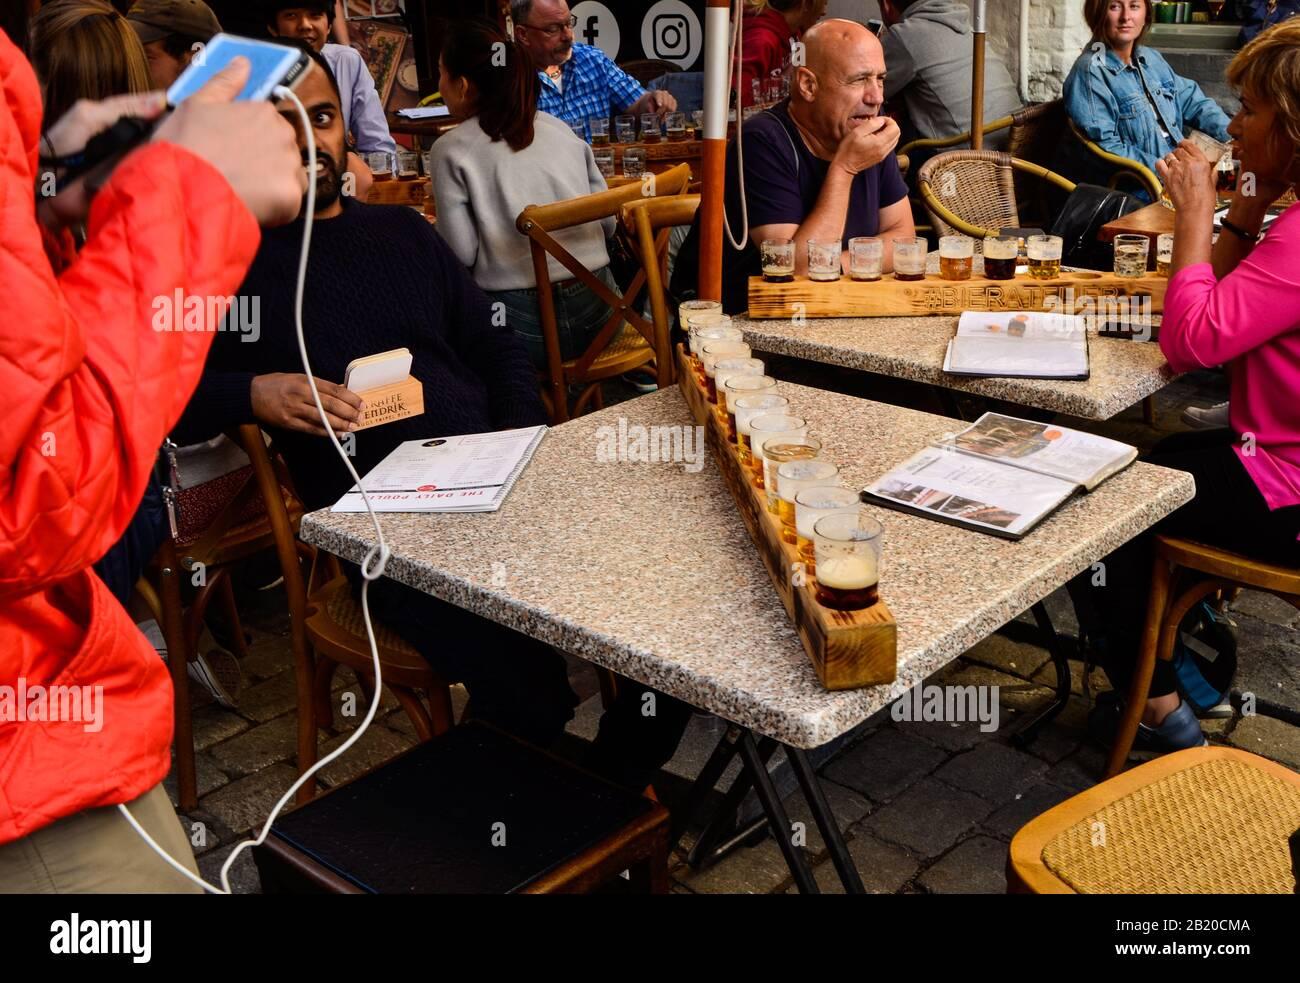 Brujas, Bélgica. Agosto De 2019. Degustación de cervezas artesanales belgas: Doce tazas dispuestas en el portavasos de madera. La gente está sentada en las mesas disfrutando Foto de stock